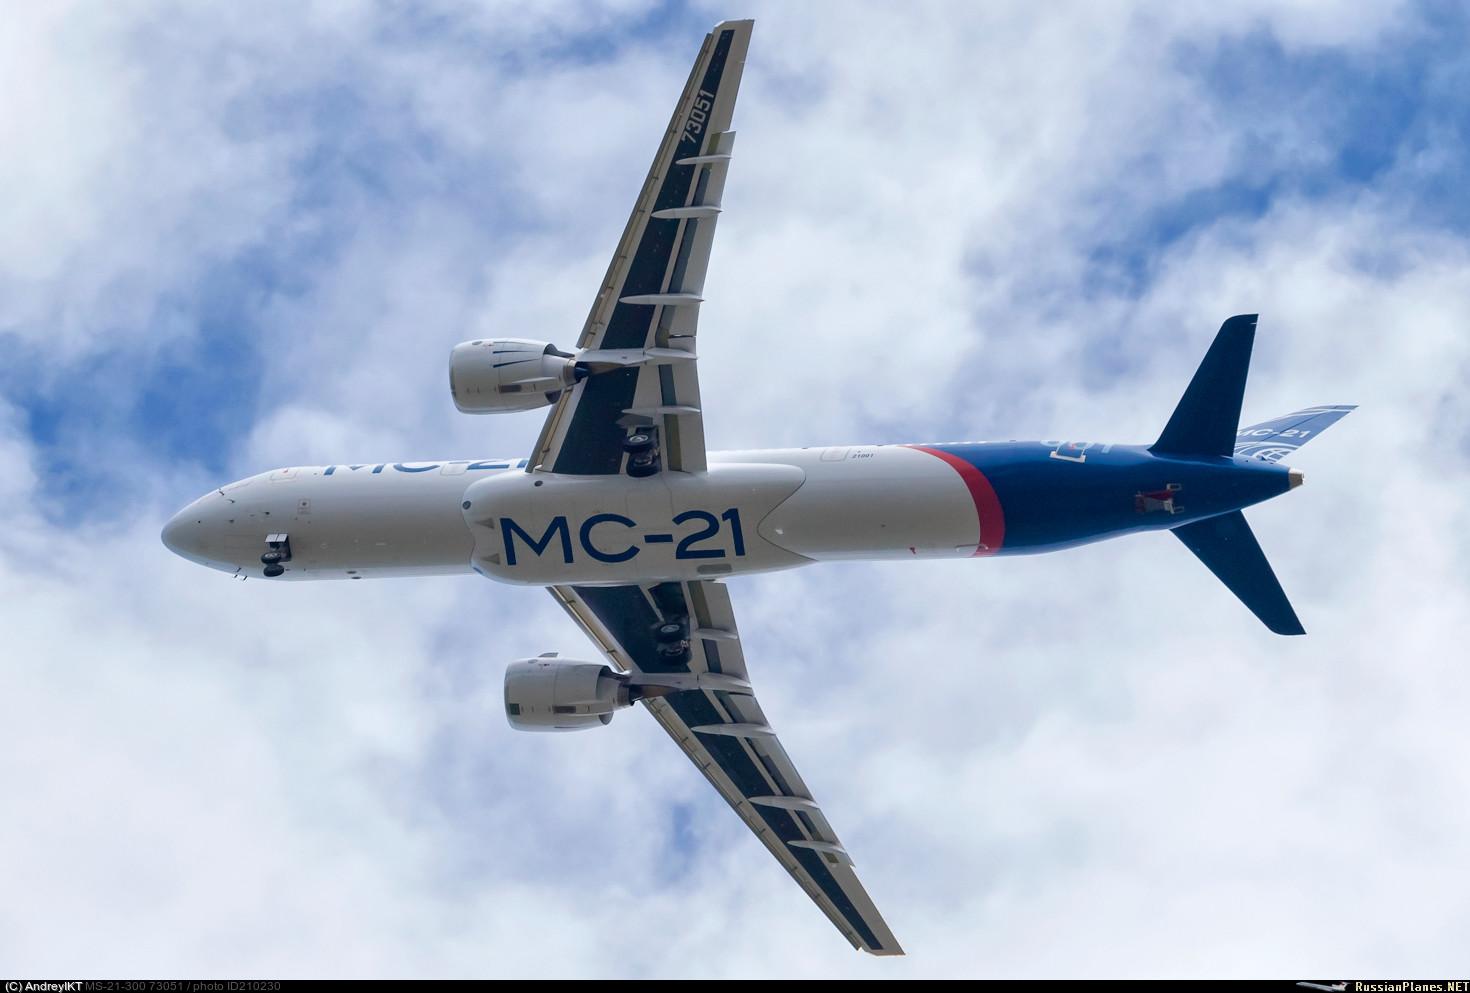 Первый летный опытный образец самолета МС-21-300-0001 (регистрационный номер 73051, серийный номер 21001) в первом полете. Иркутск, 28.05.2017